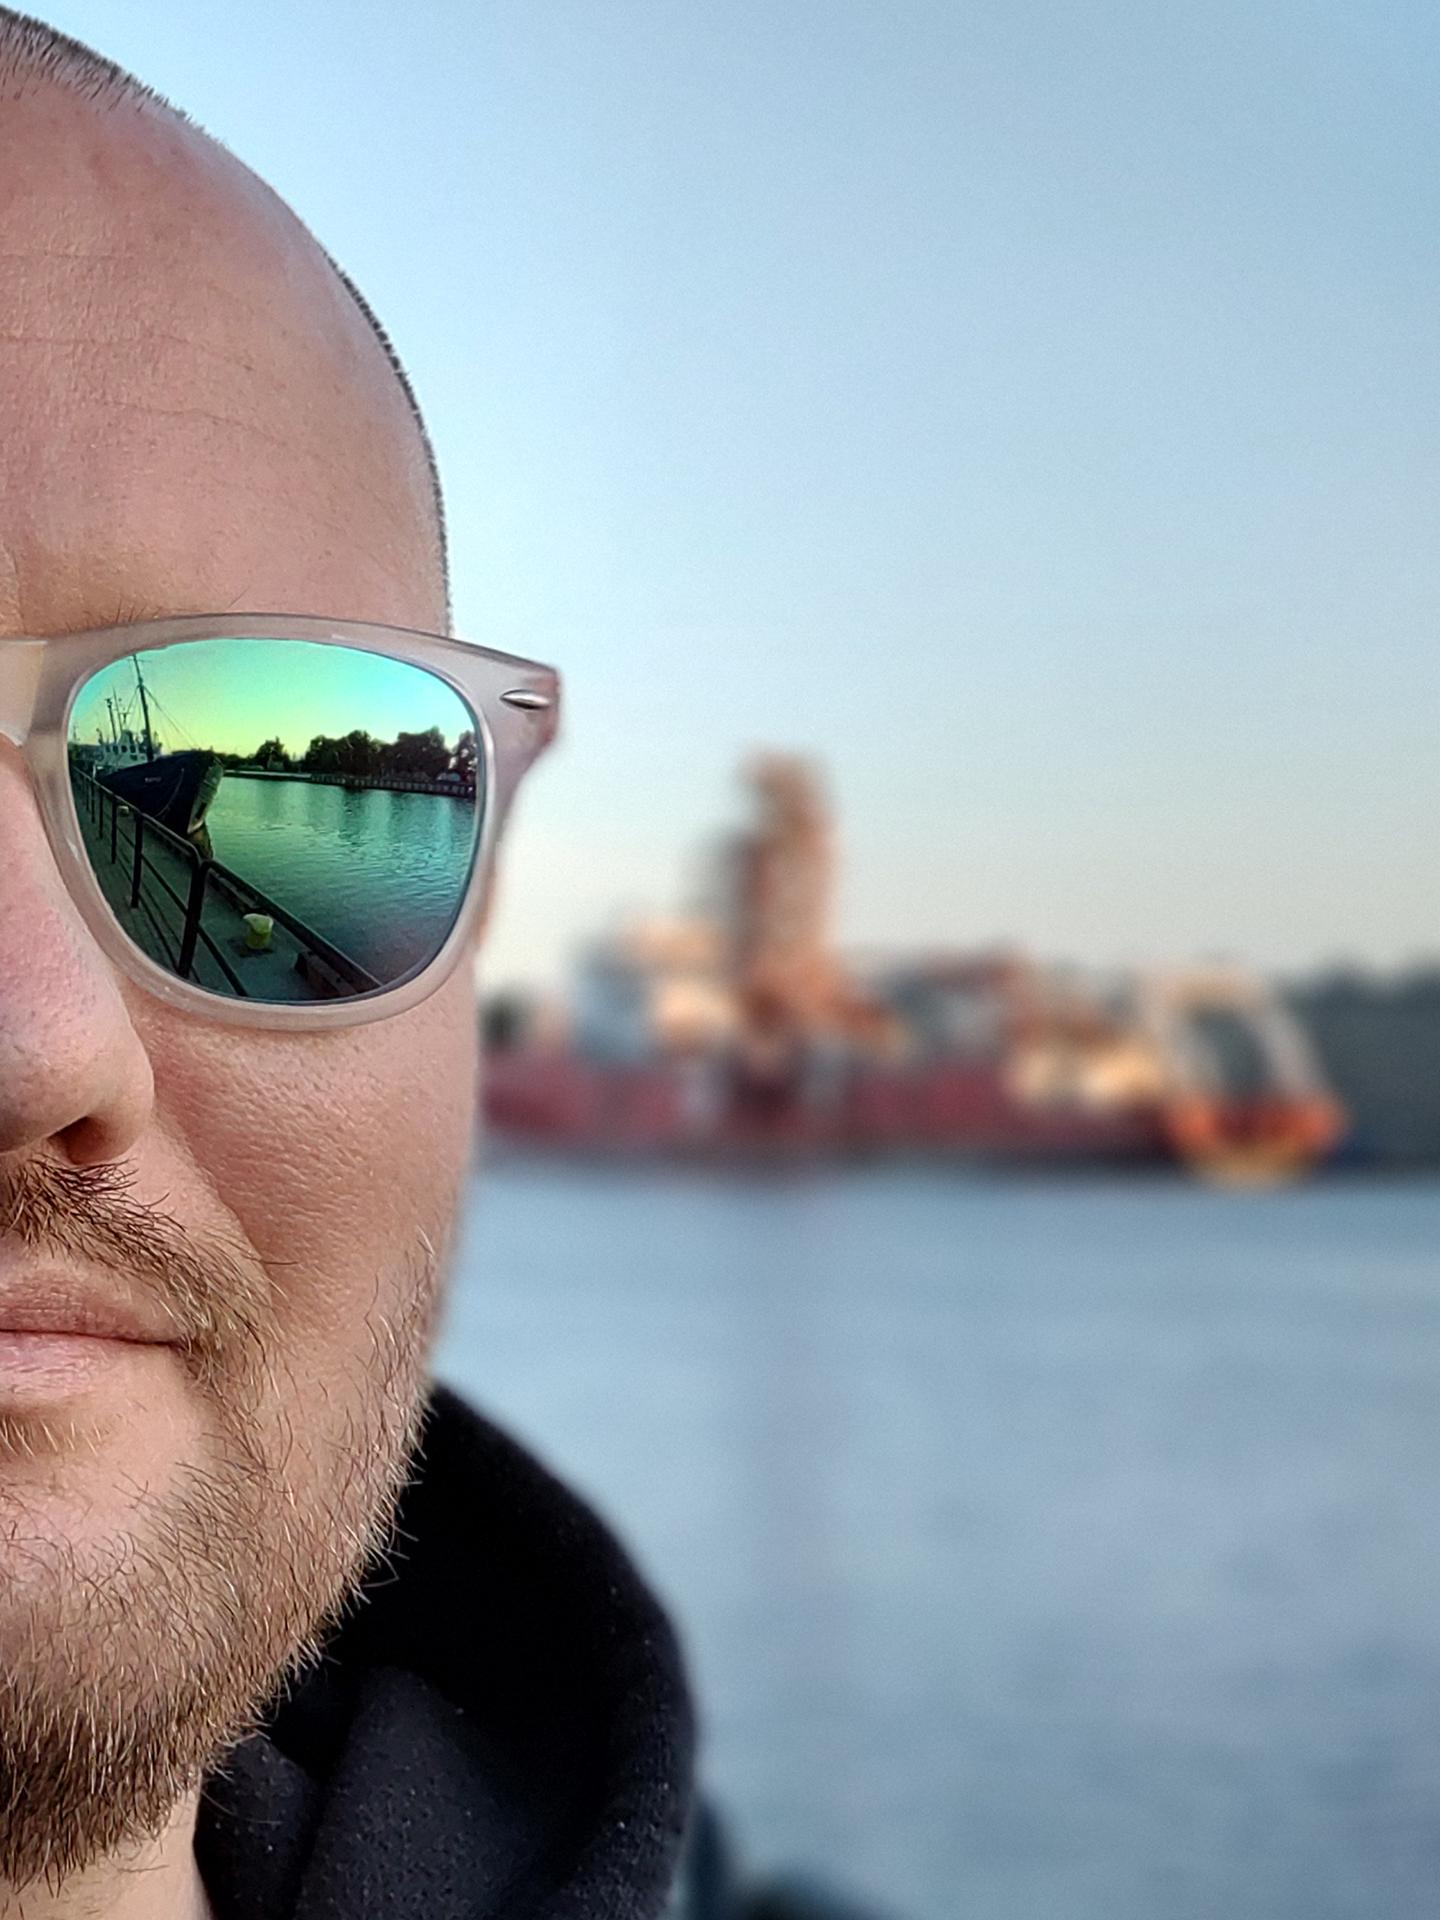 Portret mężczyzny, pół twarzy irozmyte morze iGdynia wtle.